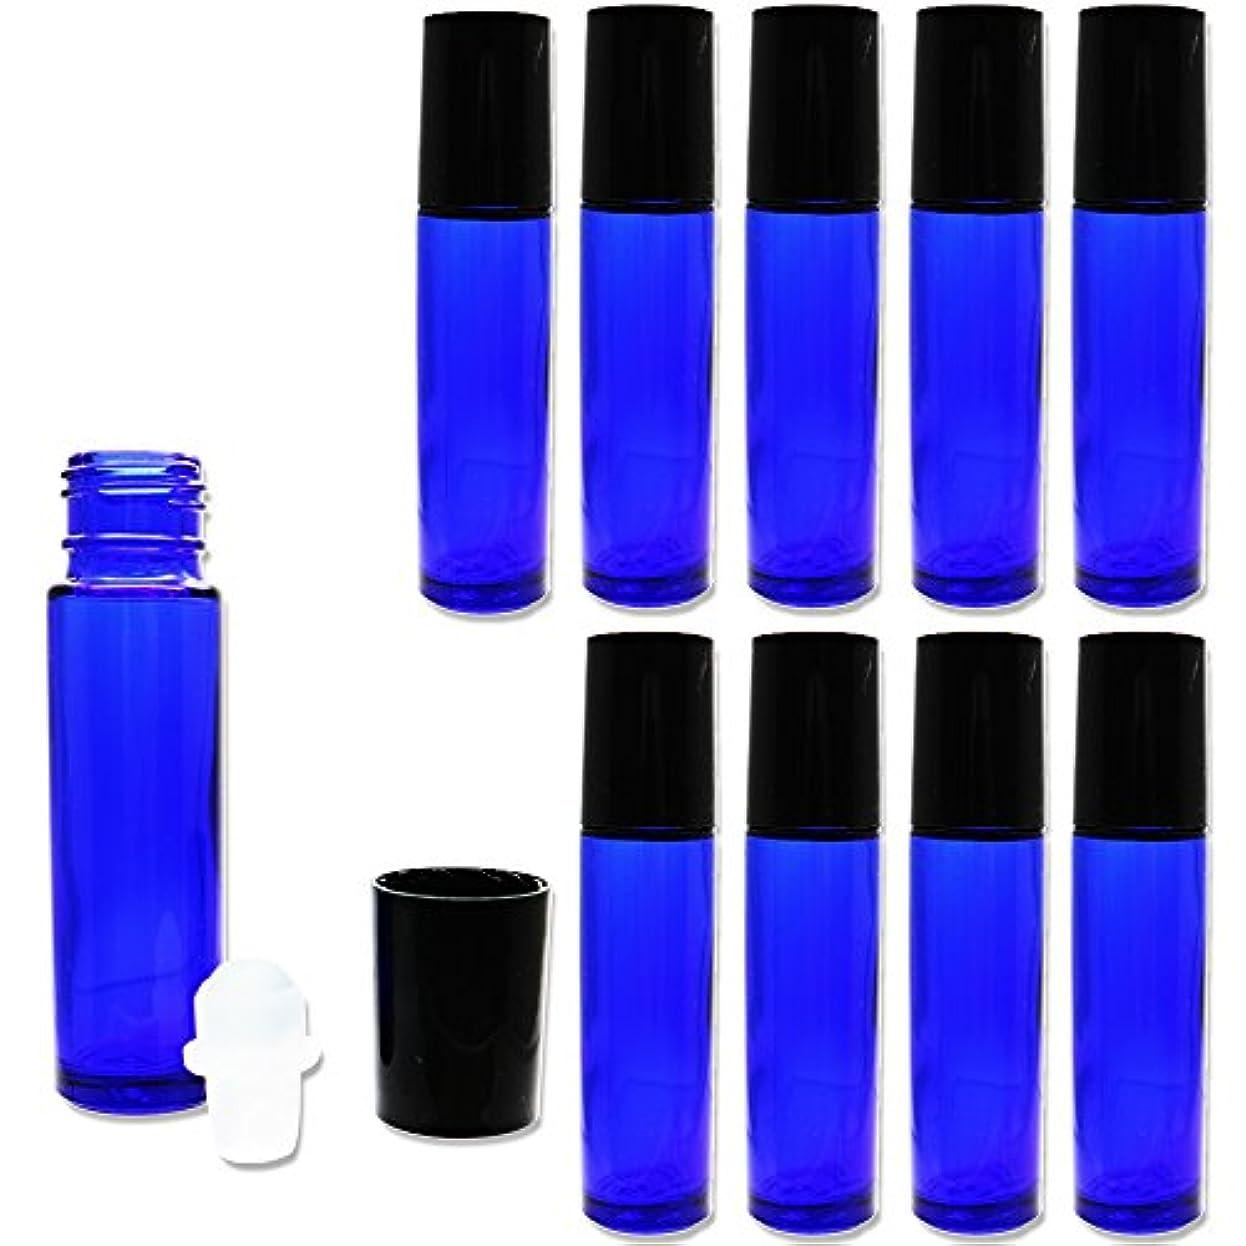 徹底ストラップ確認するSolid Value ロールオンボトル アロマオイル ガラスロール 詰め替え 遮光瓶 (10ml 10本セット)